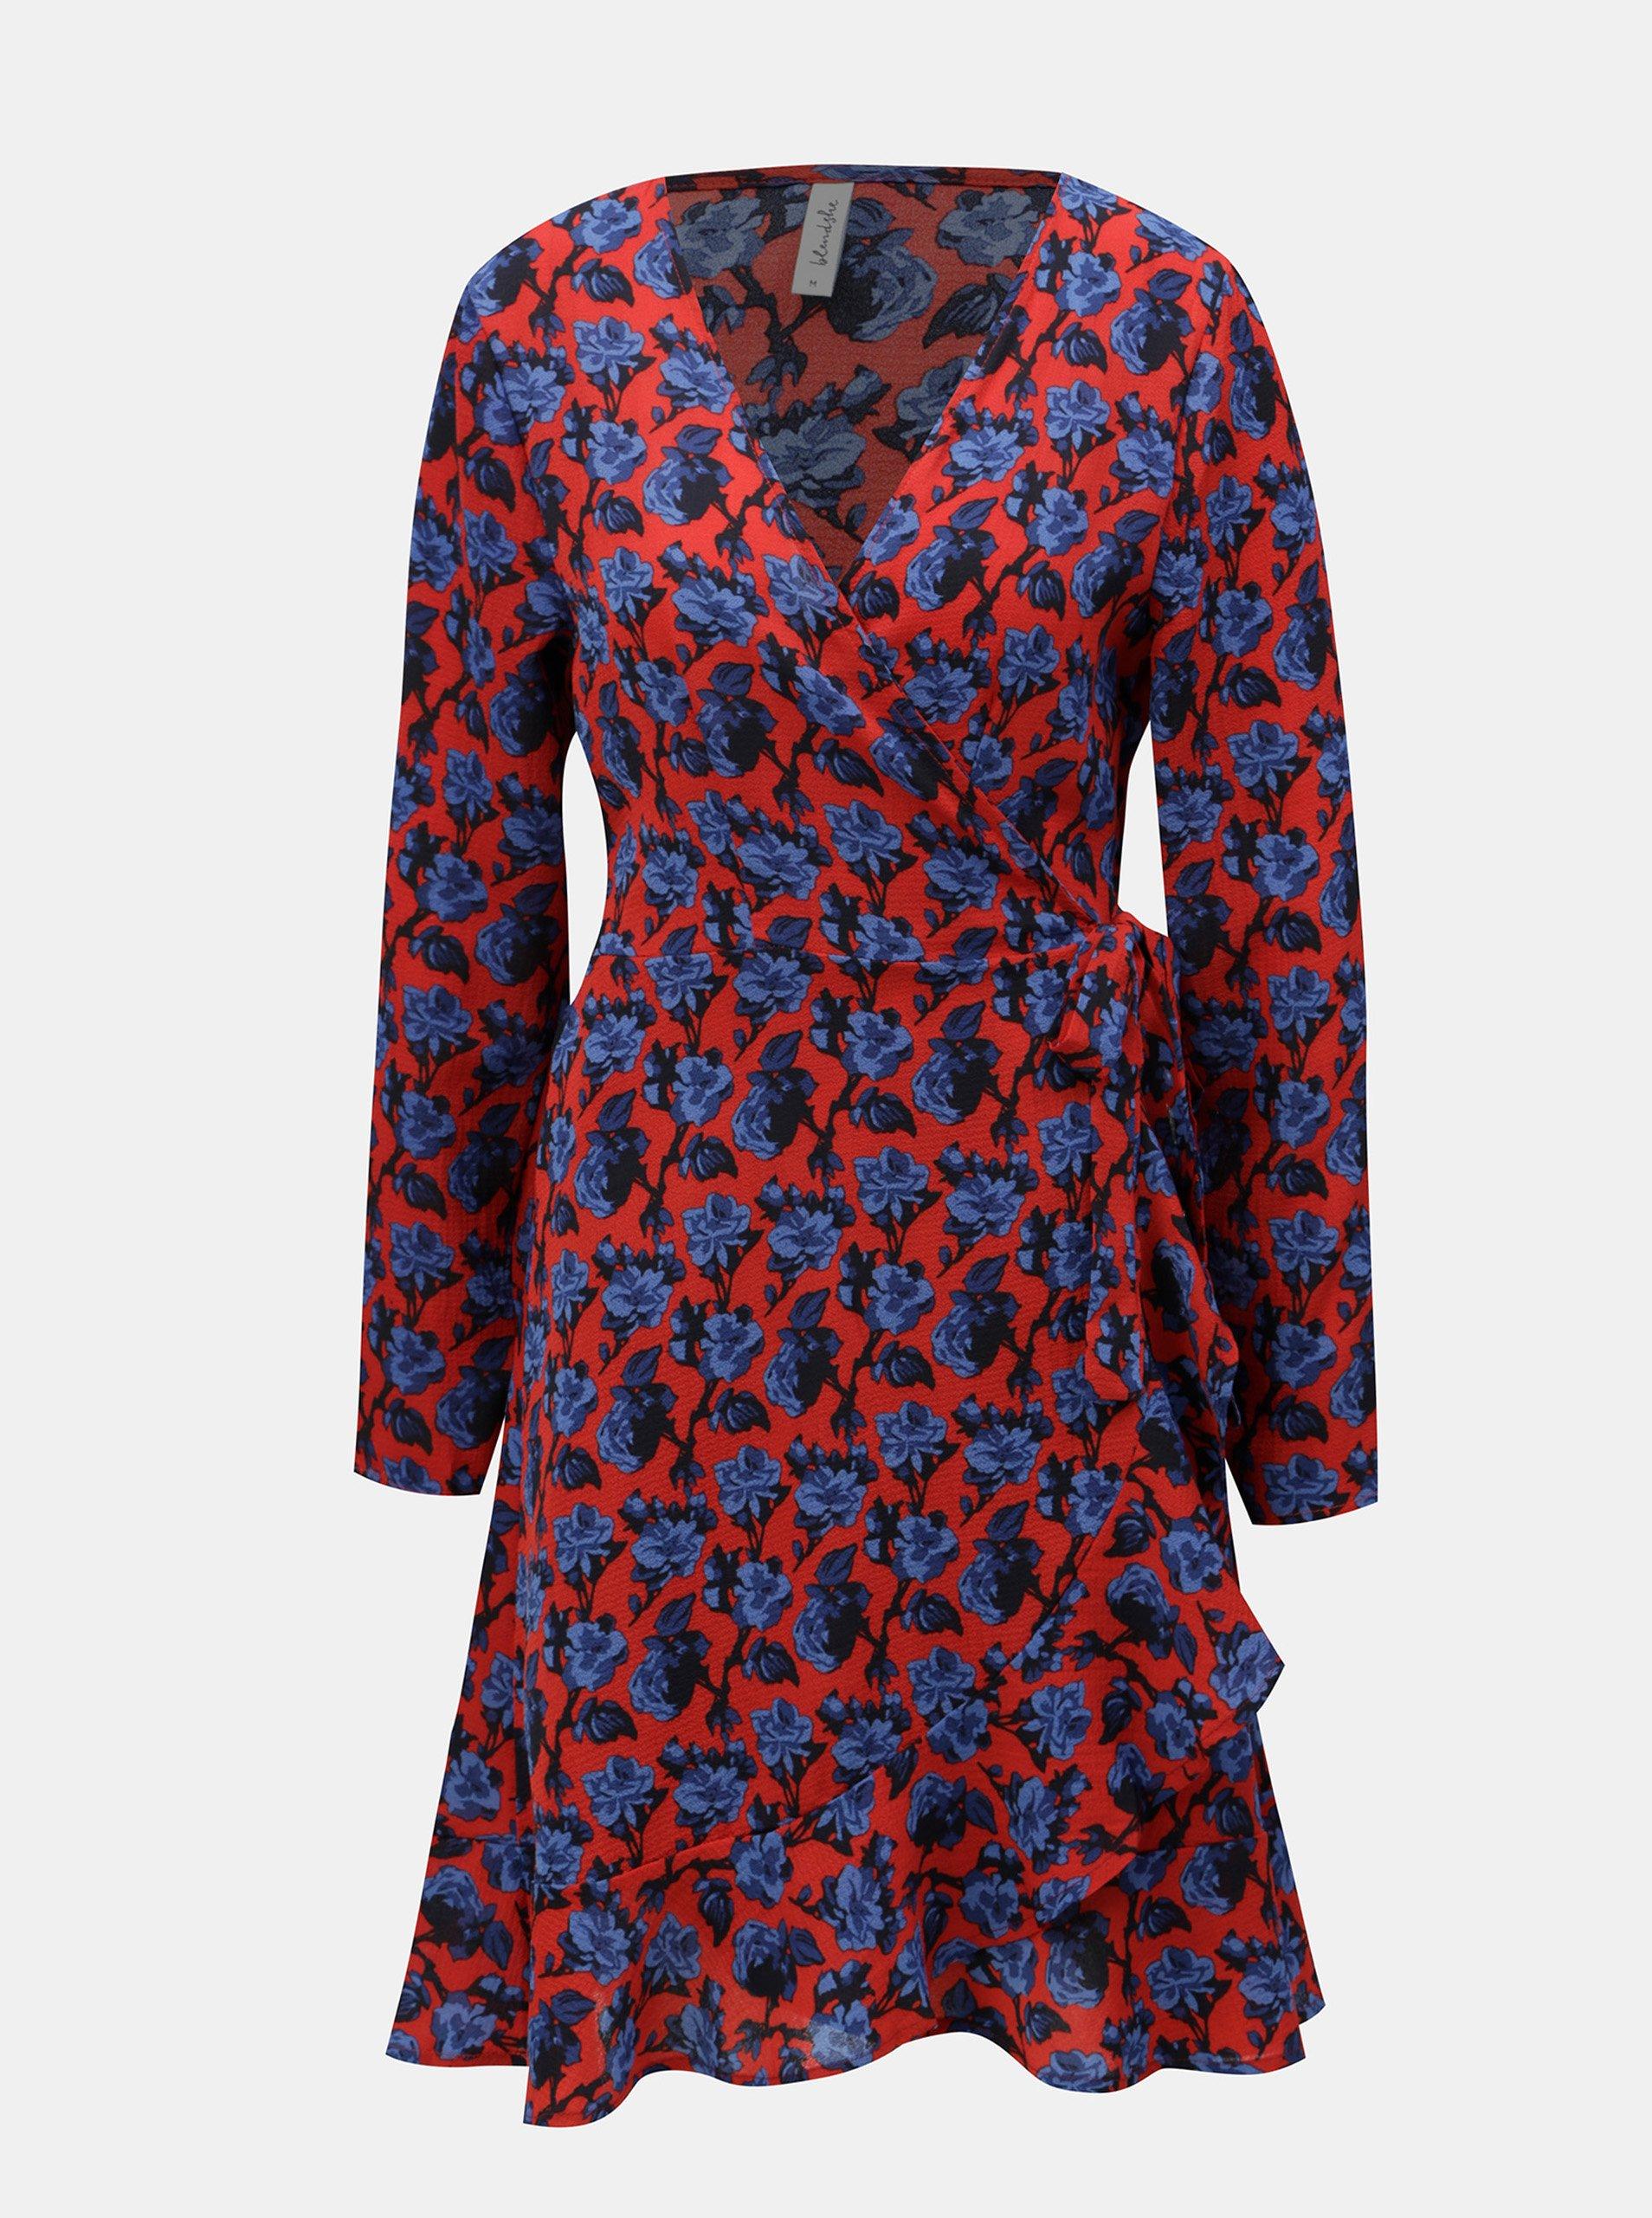 92e4a91f4081 Modro-červené květované zavinovací šaty s volánem Blendshe Trophy